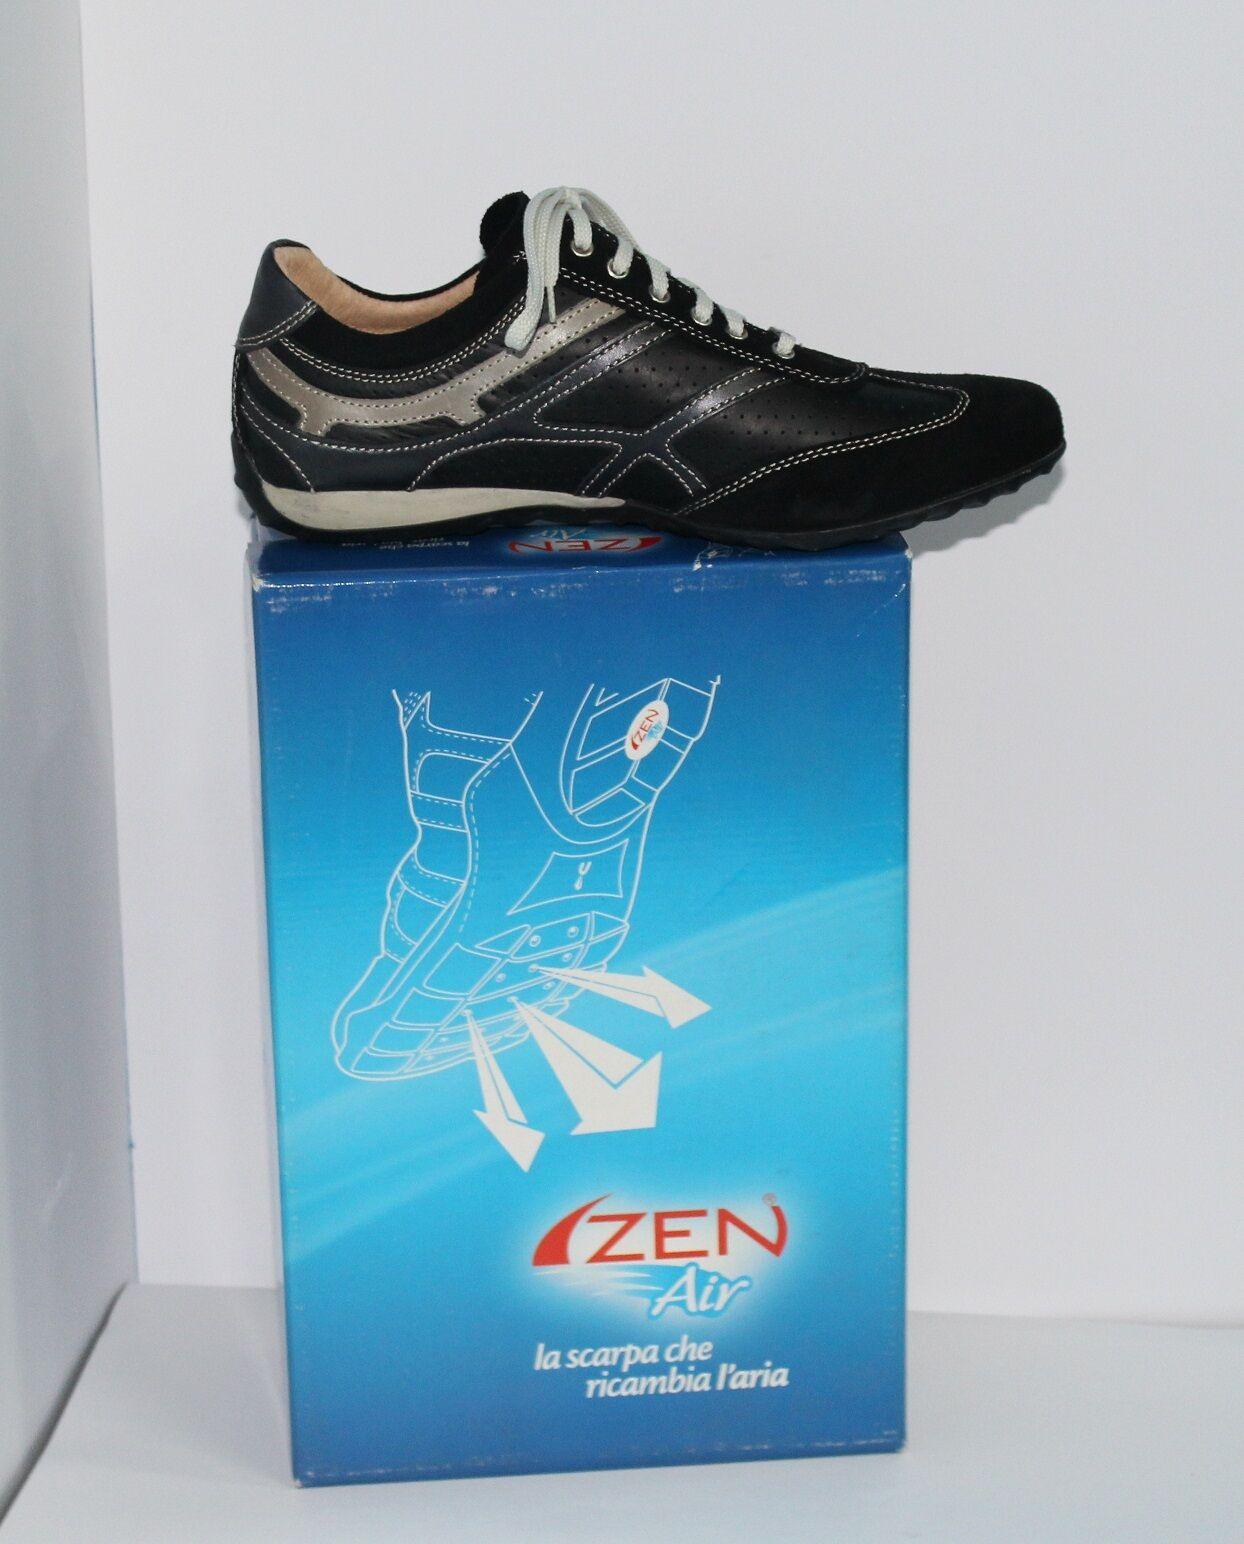 Scarpa da uomo ZEN AIR la scarpa che ricambia l'aria colore nero art. 275003